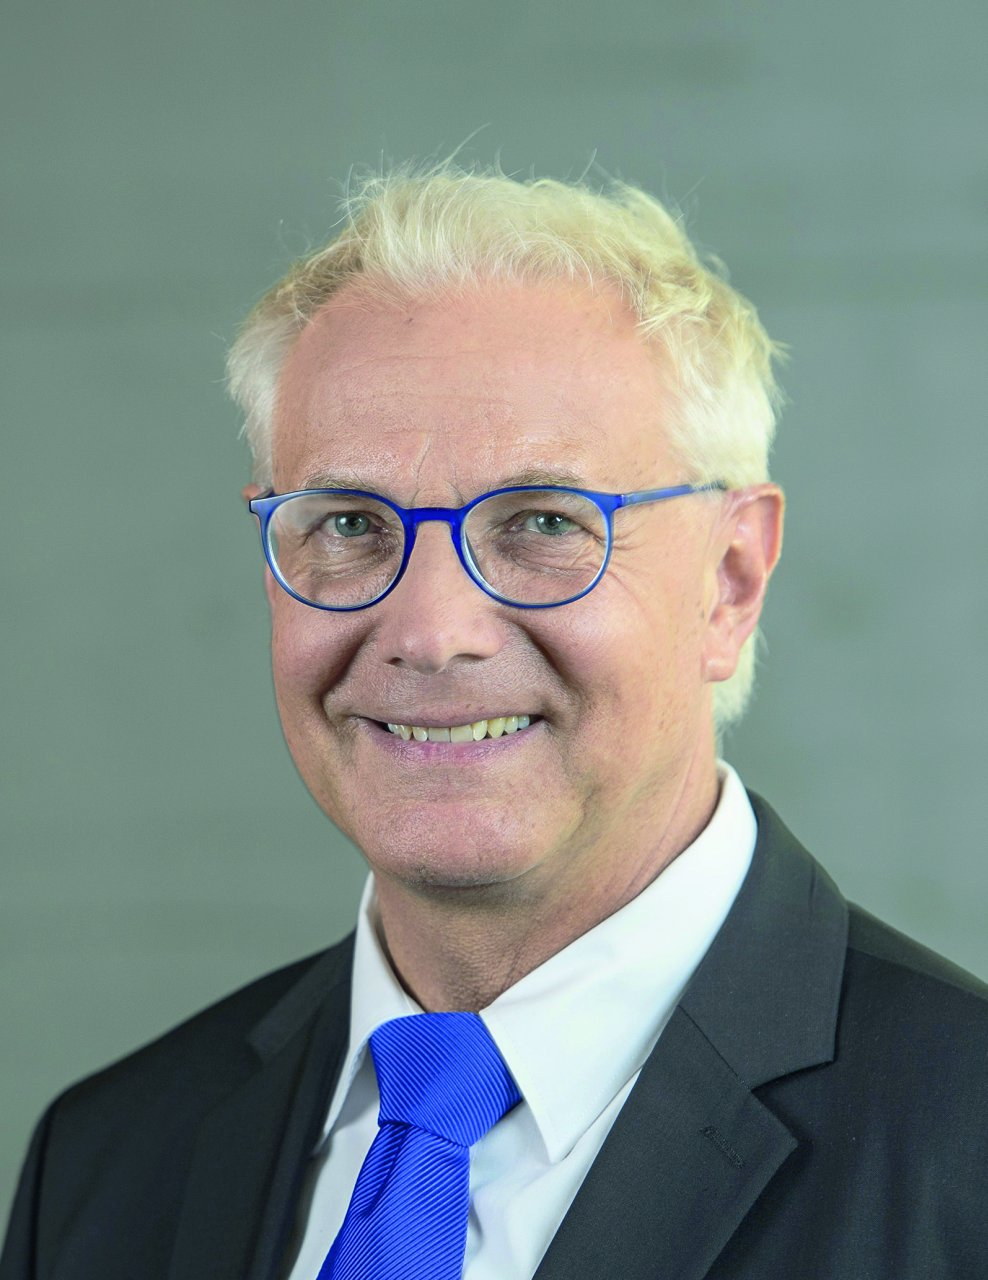 Johannes Matyassy, ambasciatore, capo della Divisione Asia e Pacifico della Direzione politica, direttore della Direzione consolare a partire da agosto 2018.